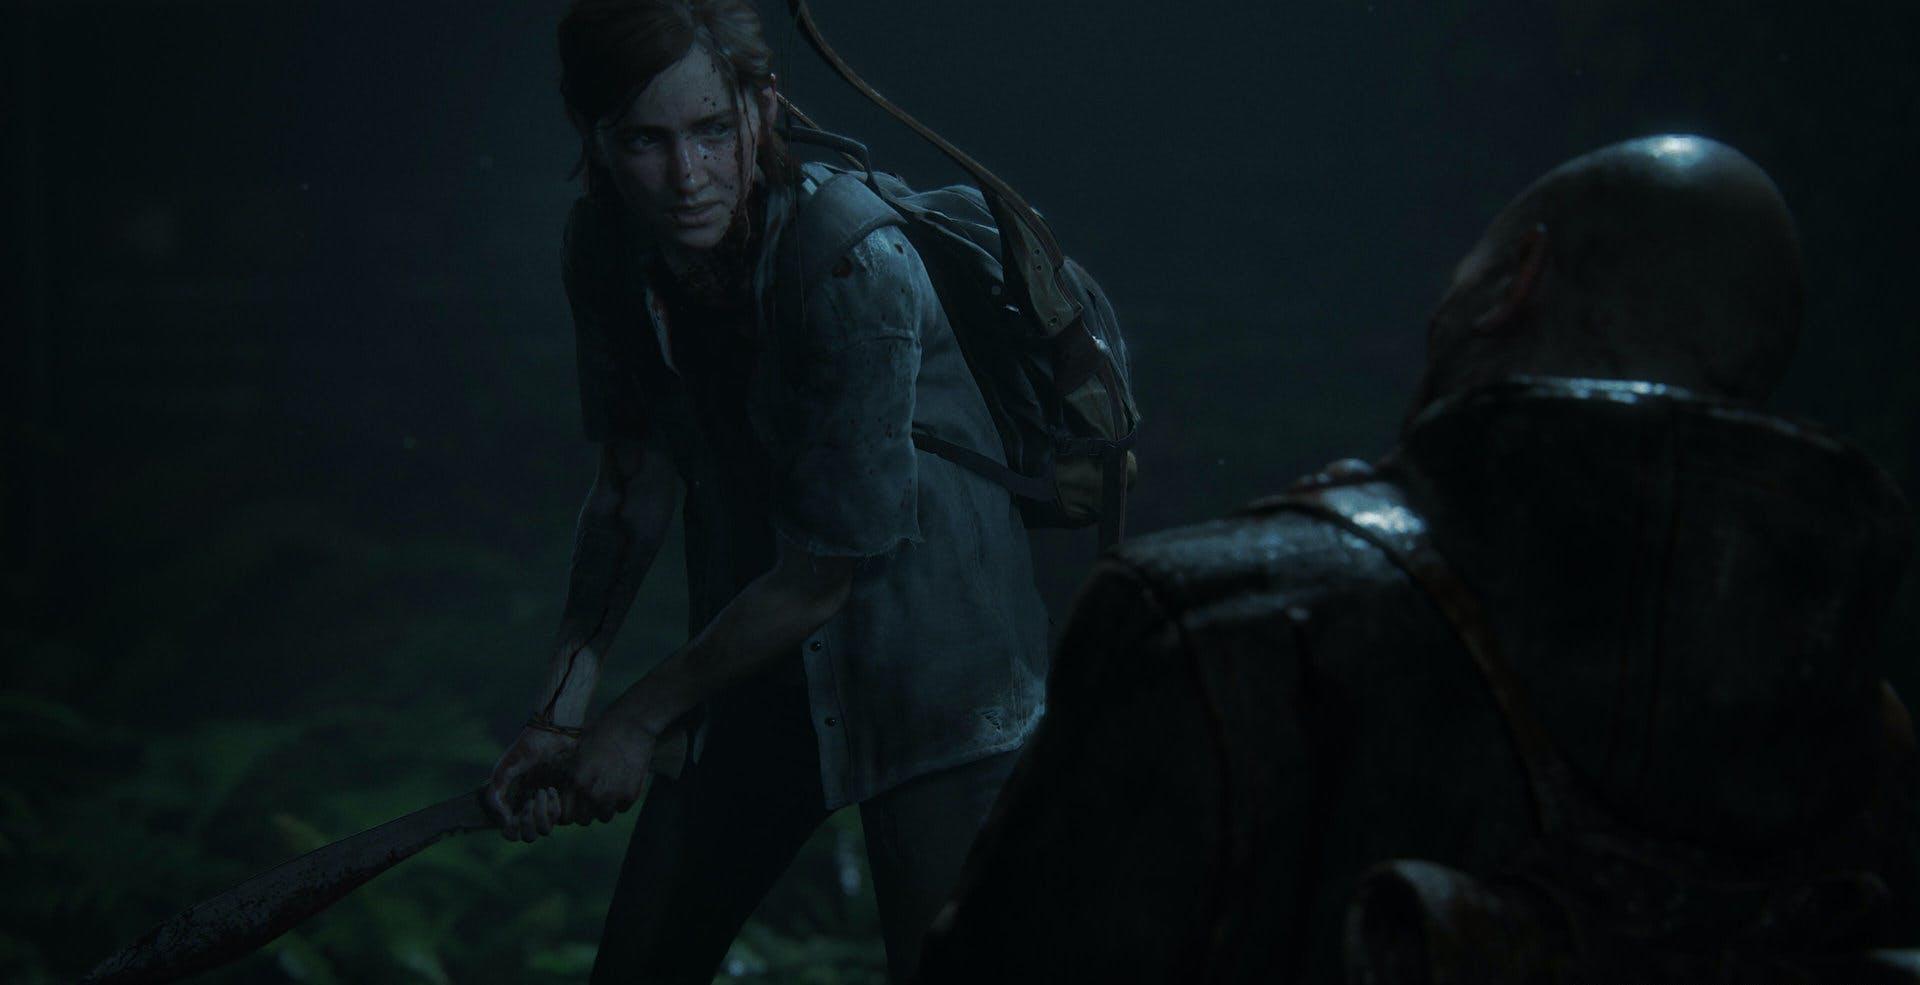 """Pubblicato un nuovo trailer per The Last Of Us - Parte 2: Ellie sempre più """"scatenata"""""""